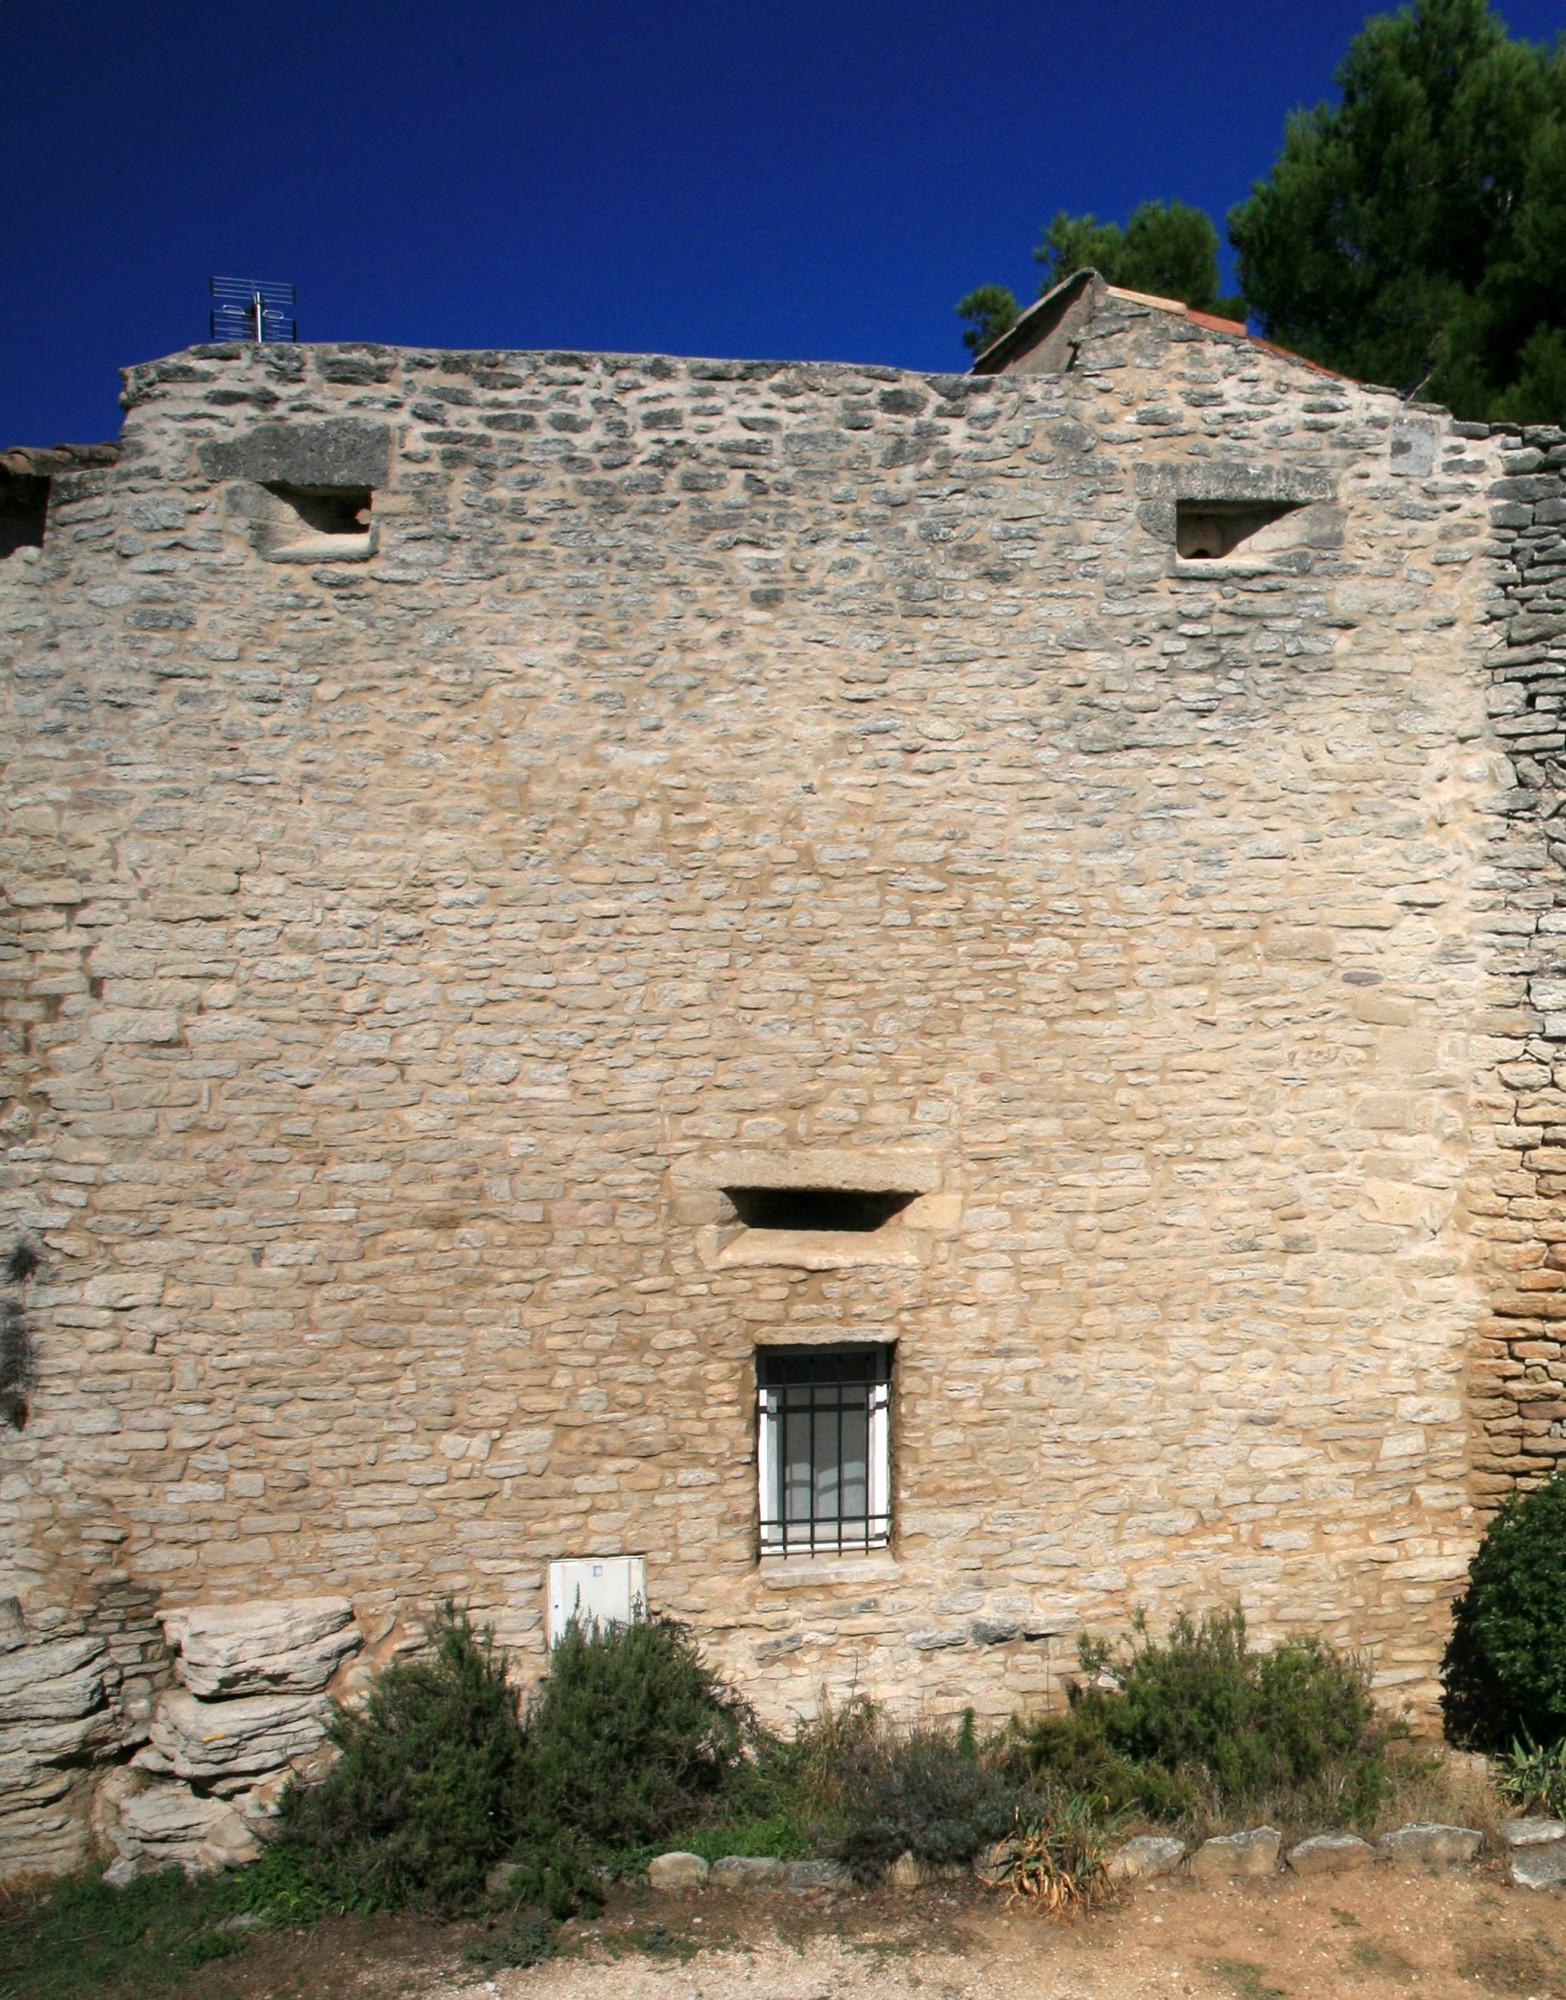 Mur d'enceinte et meurtrières, Goult, Luberon